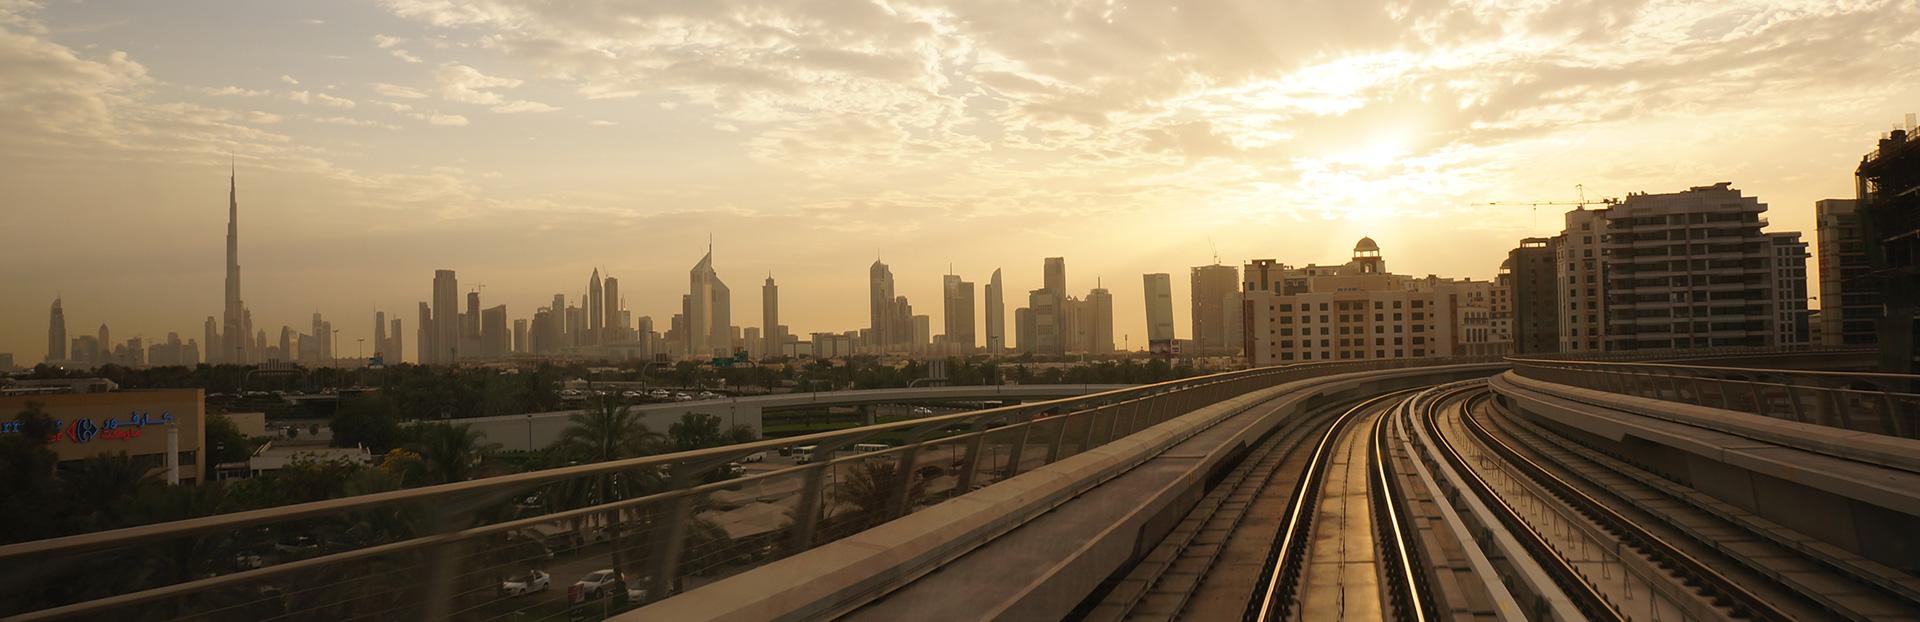 Dubai audio tour: Metro Moments: Historic Dubai from DXB Terminal 3